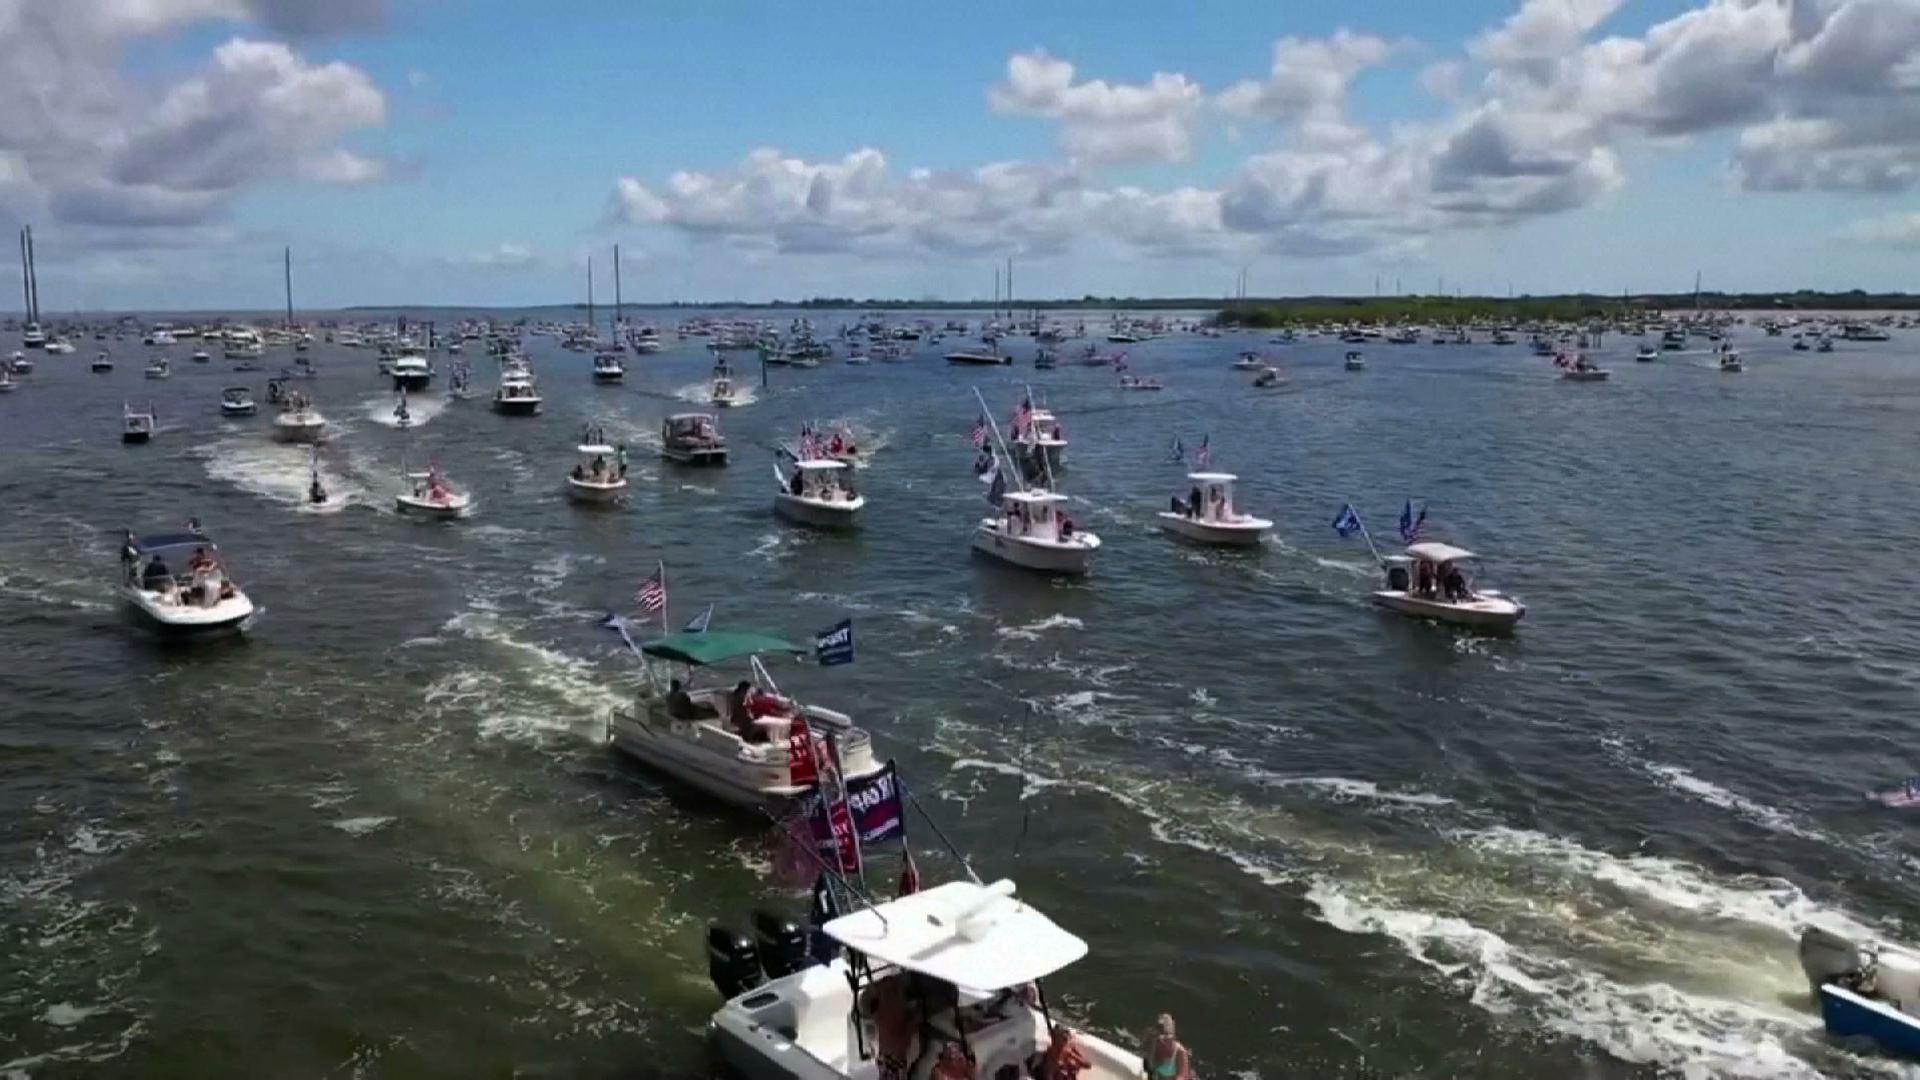 Những người ủng hộ Tổng Thống Trump diễn hành bằng thuyền xuôi dòng sông Florida